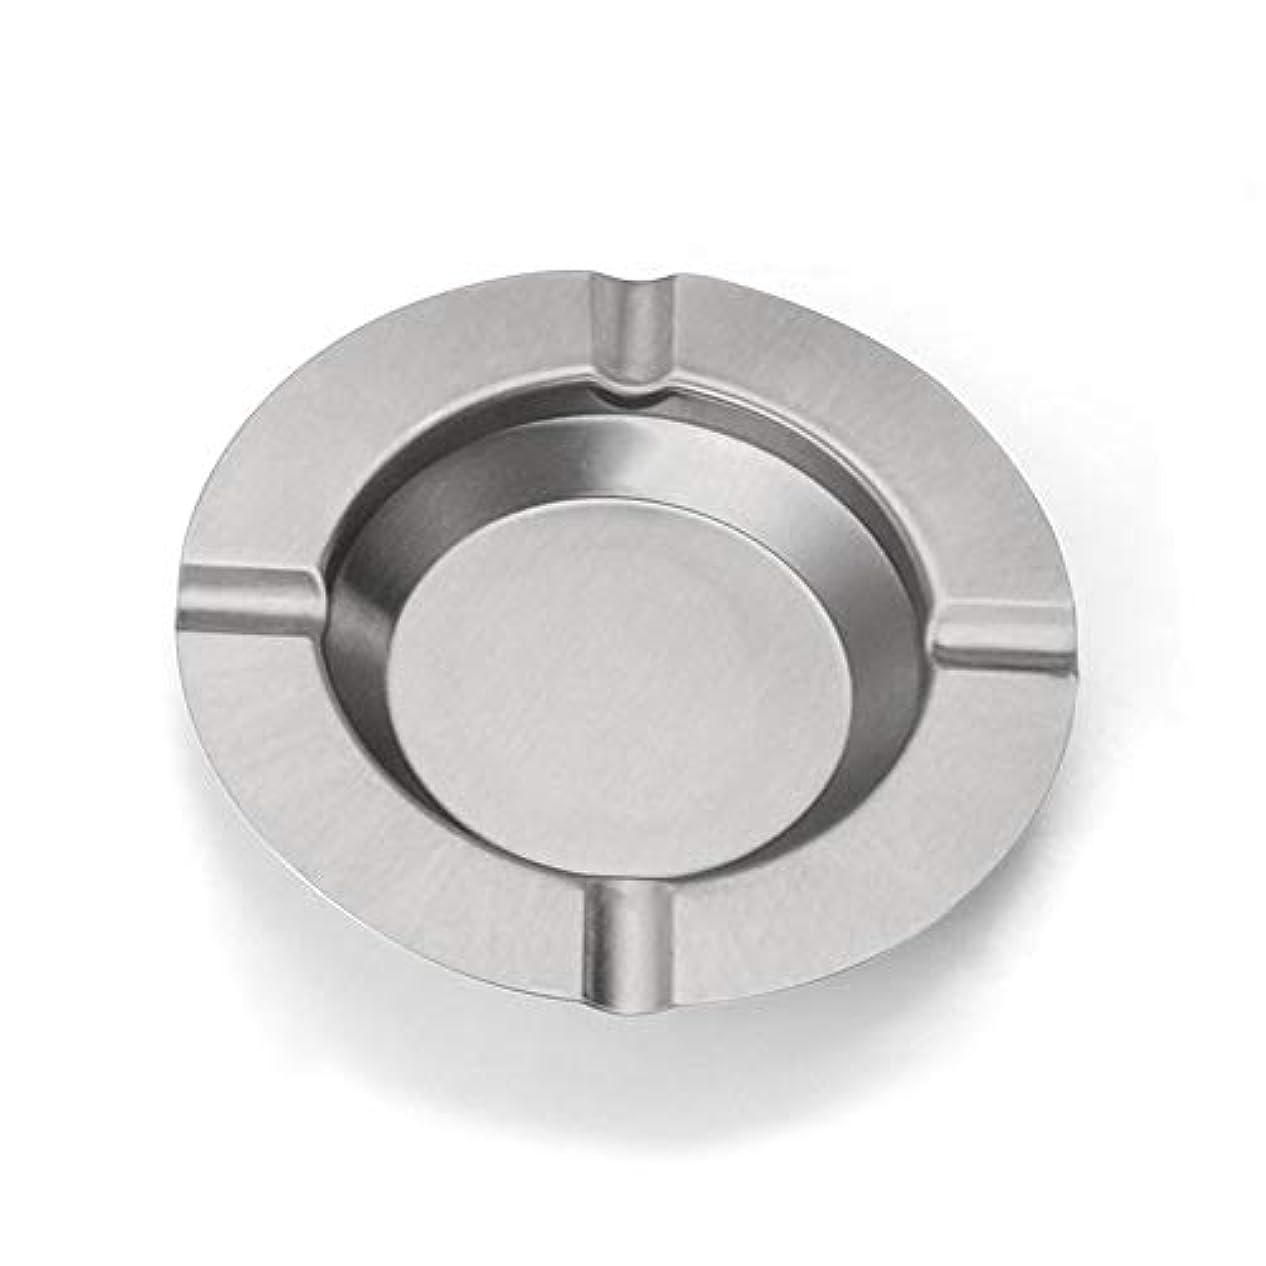 きょうだい部マーベル灰皿、新しさのステンレス鋼の現代卓上灰皿、屋内または屋外での使用のためのタバコの灰皿、喫煙者のための灰ホルダー、ホームオフィスの装飾のためのデスクトップの喫煙灰皿